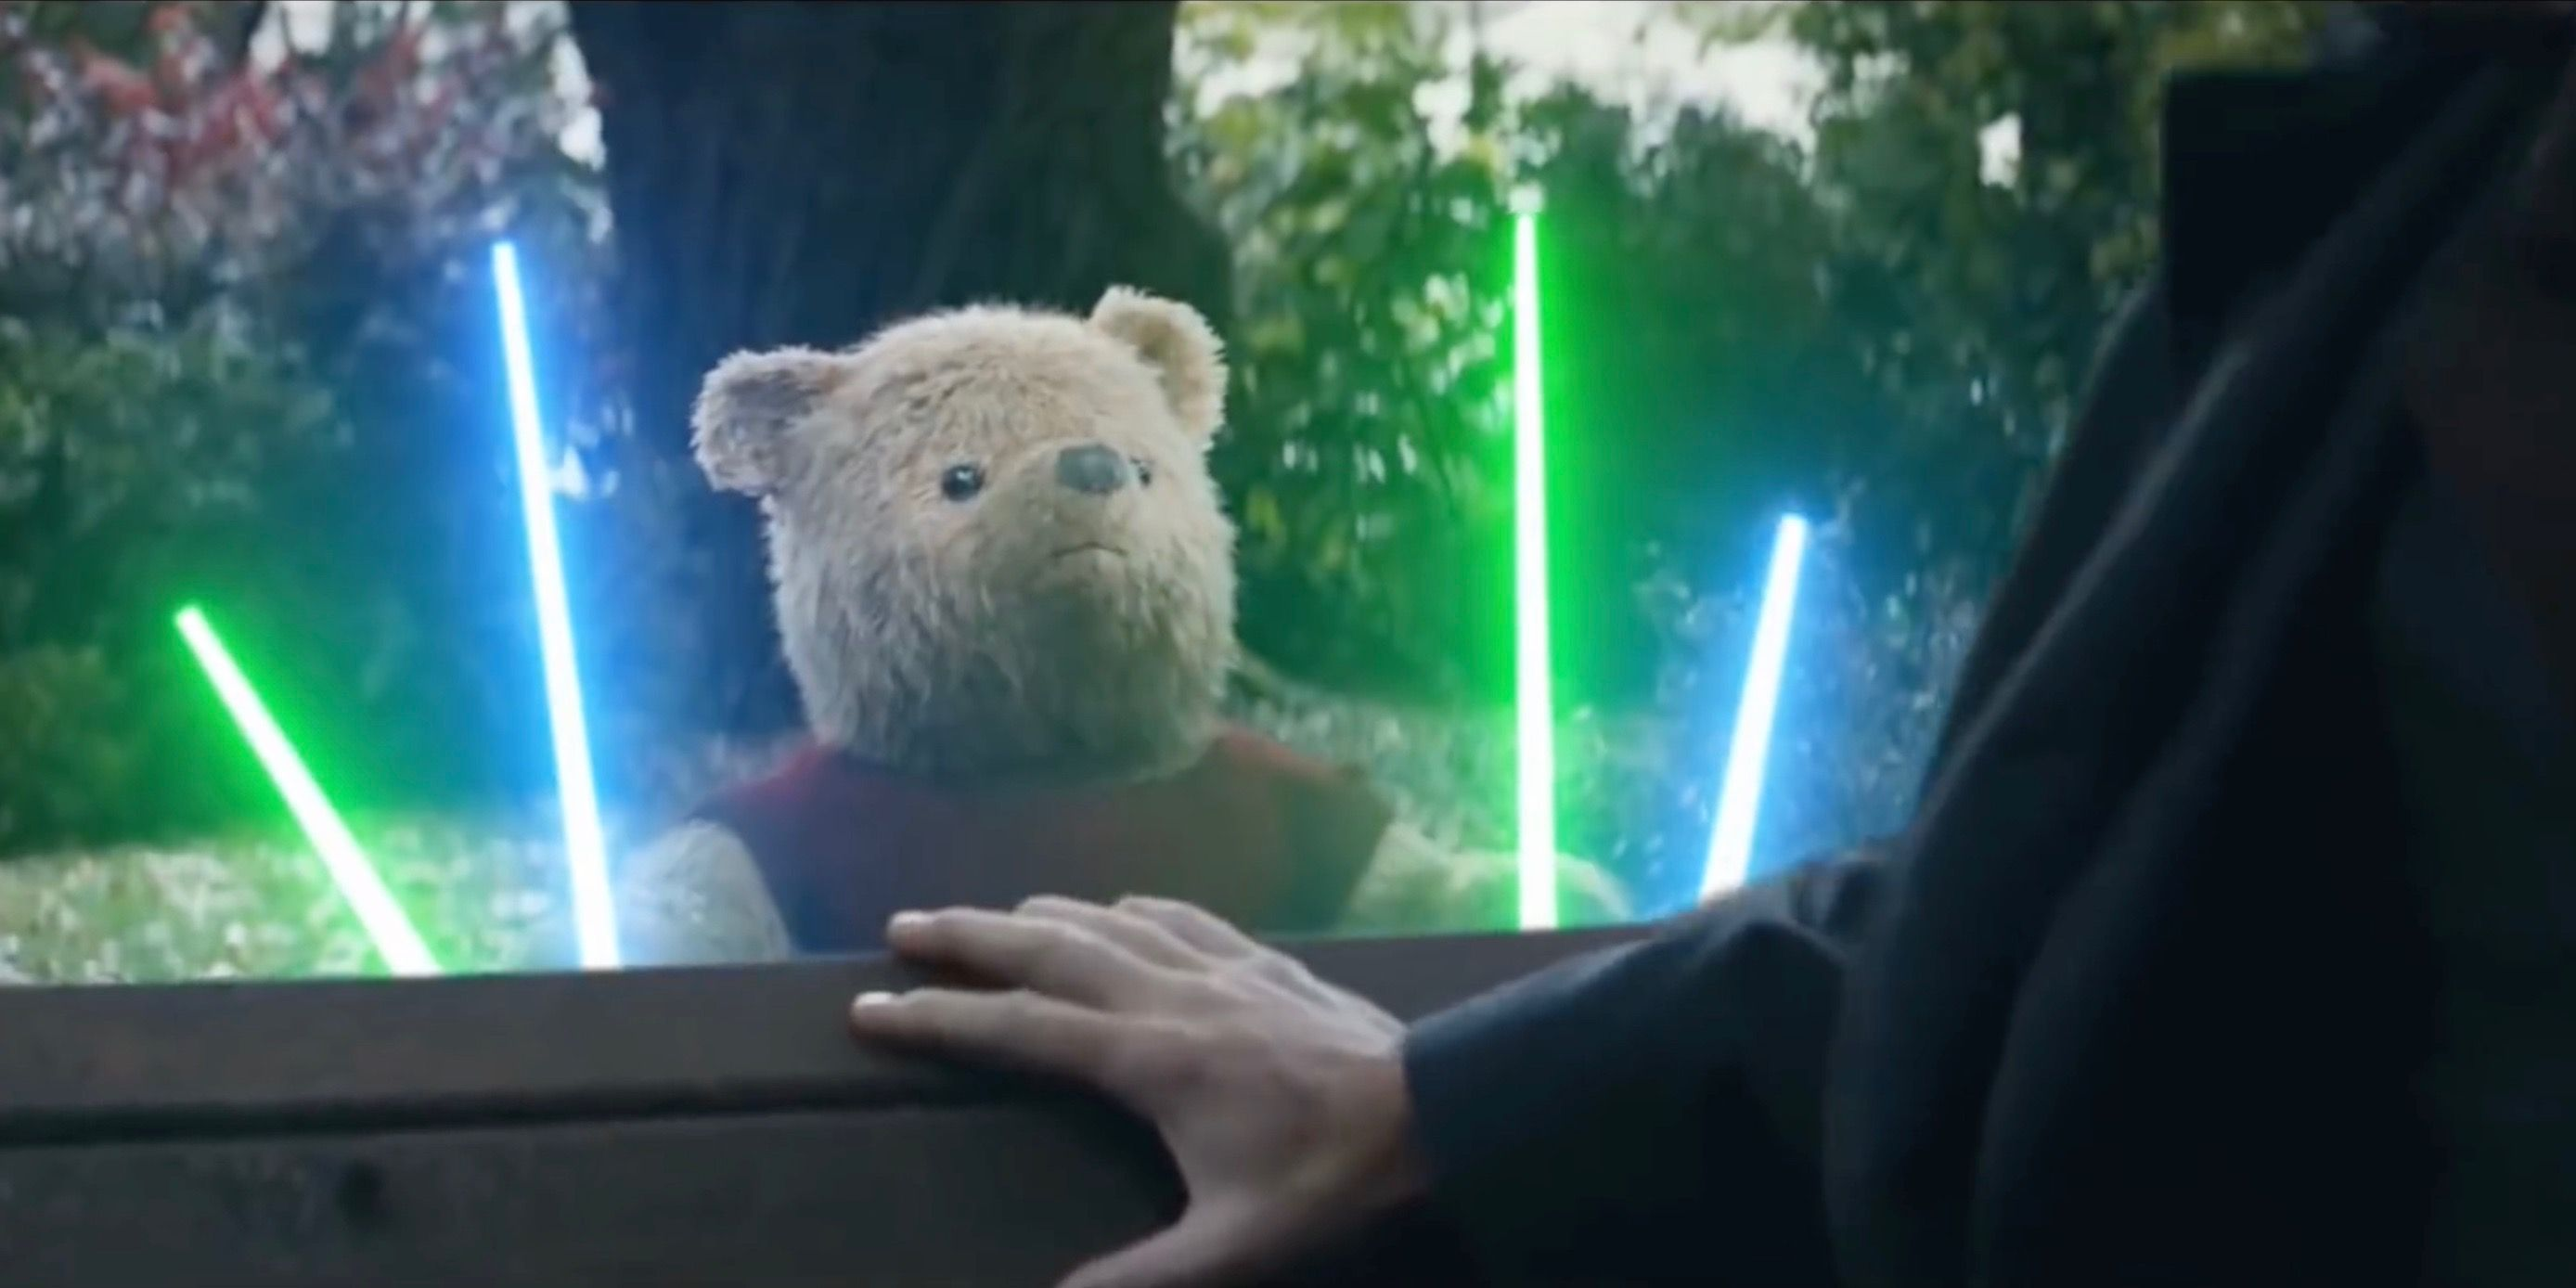 Winnie The Pooh Hunts Obi Wan In Awesome Viral Video